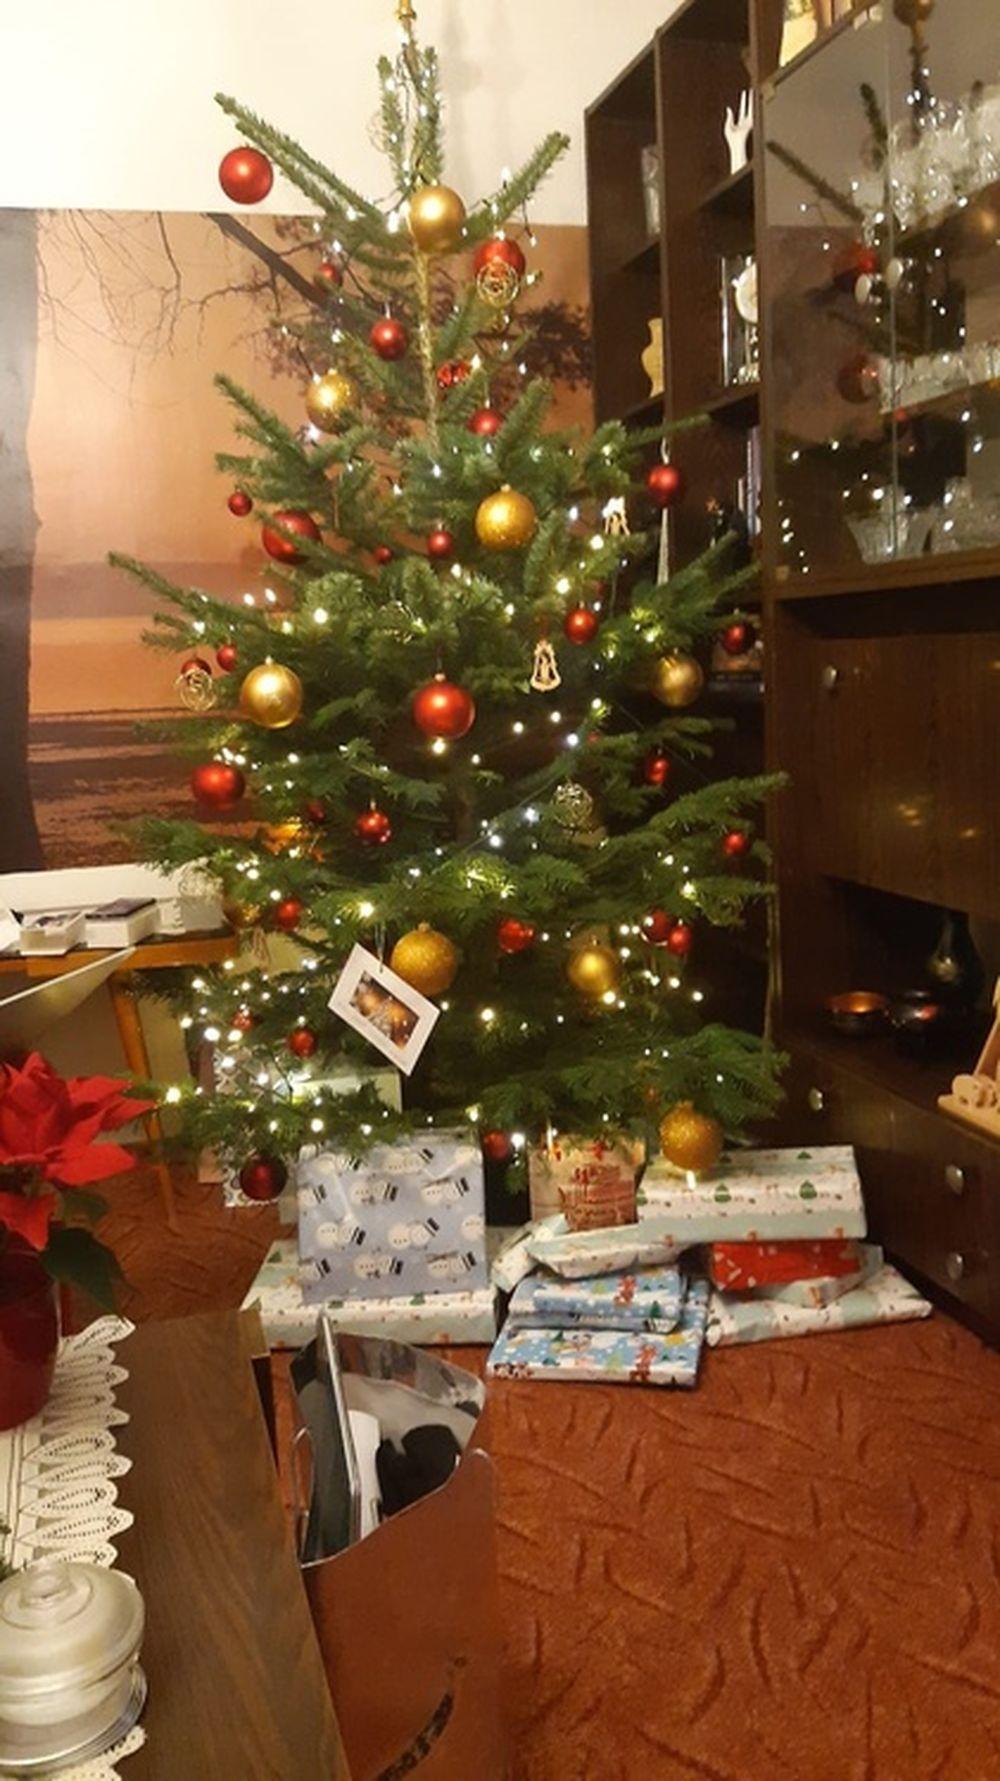 FOTO: Vianočné stromčeky v Žiline - výber fotografií našich čitateľov, foto 26